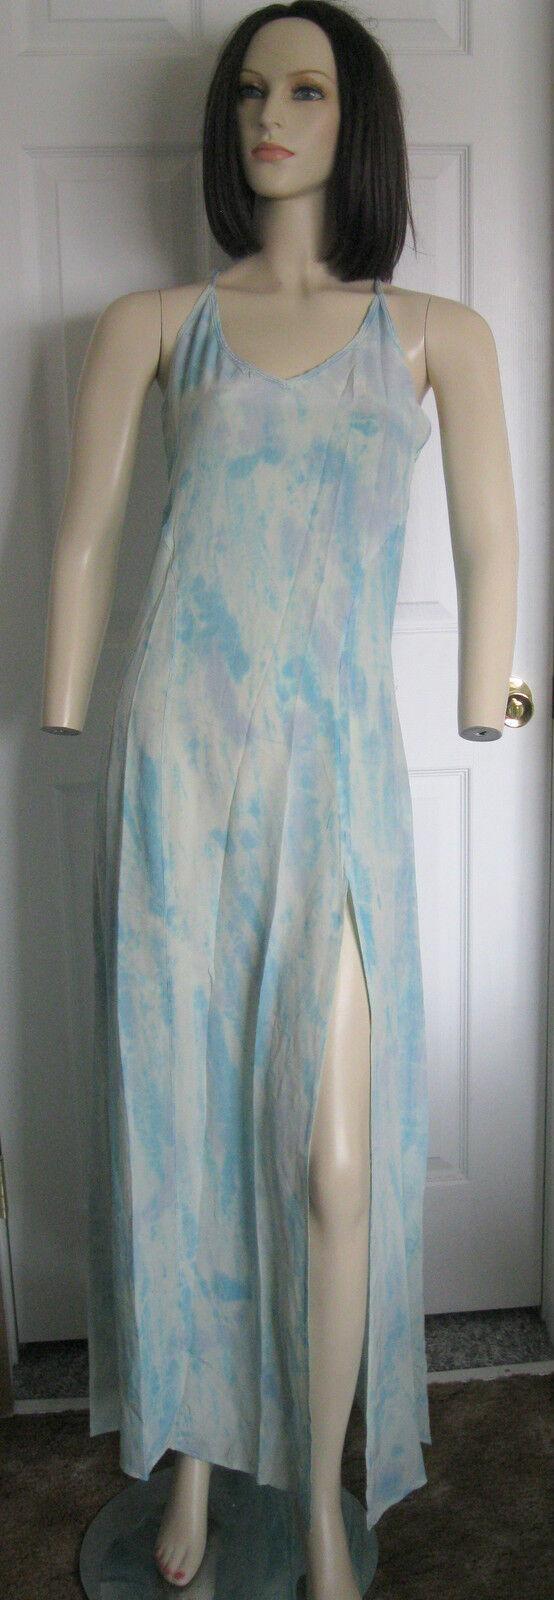 Gypsy 05 Gypsy05 Addie Racerback Silk Maxi Dress Blau lila XS, S, M, L